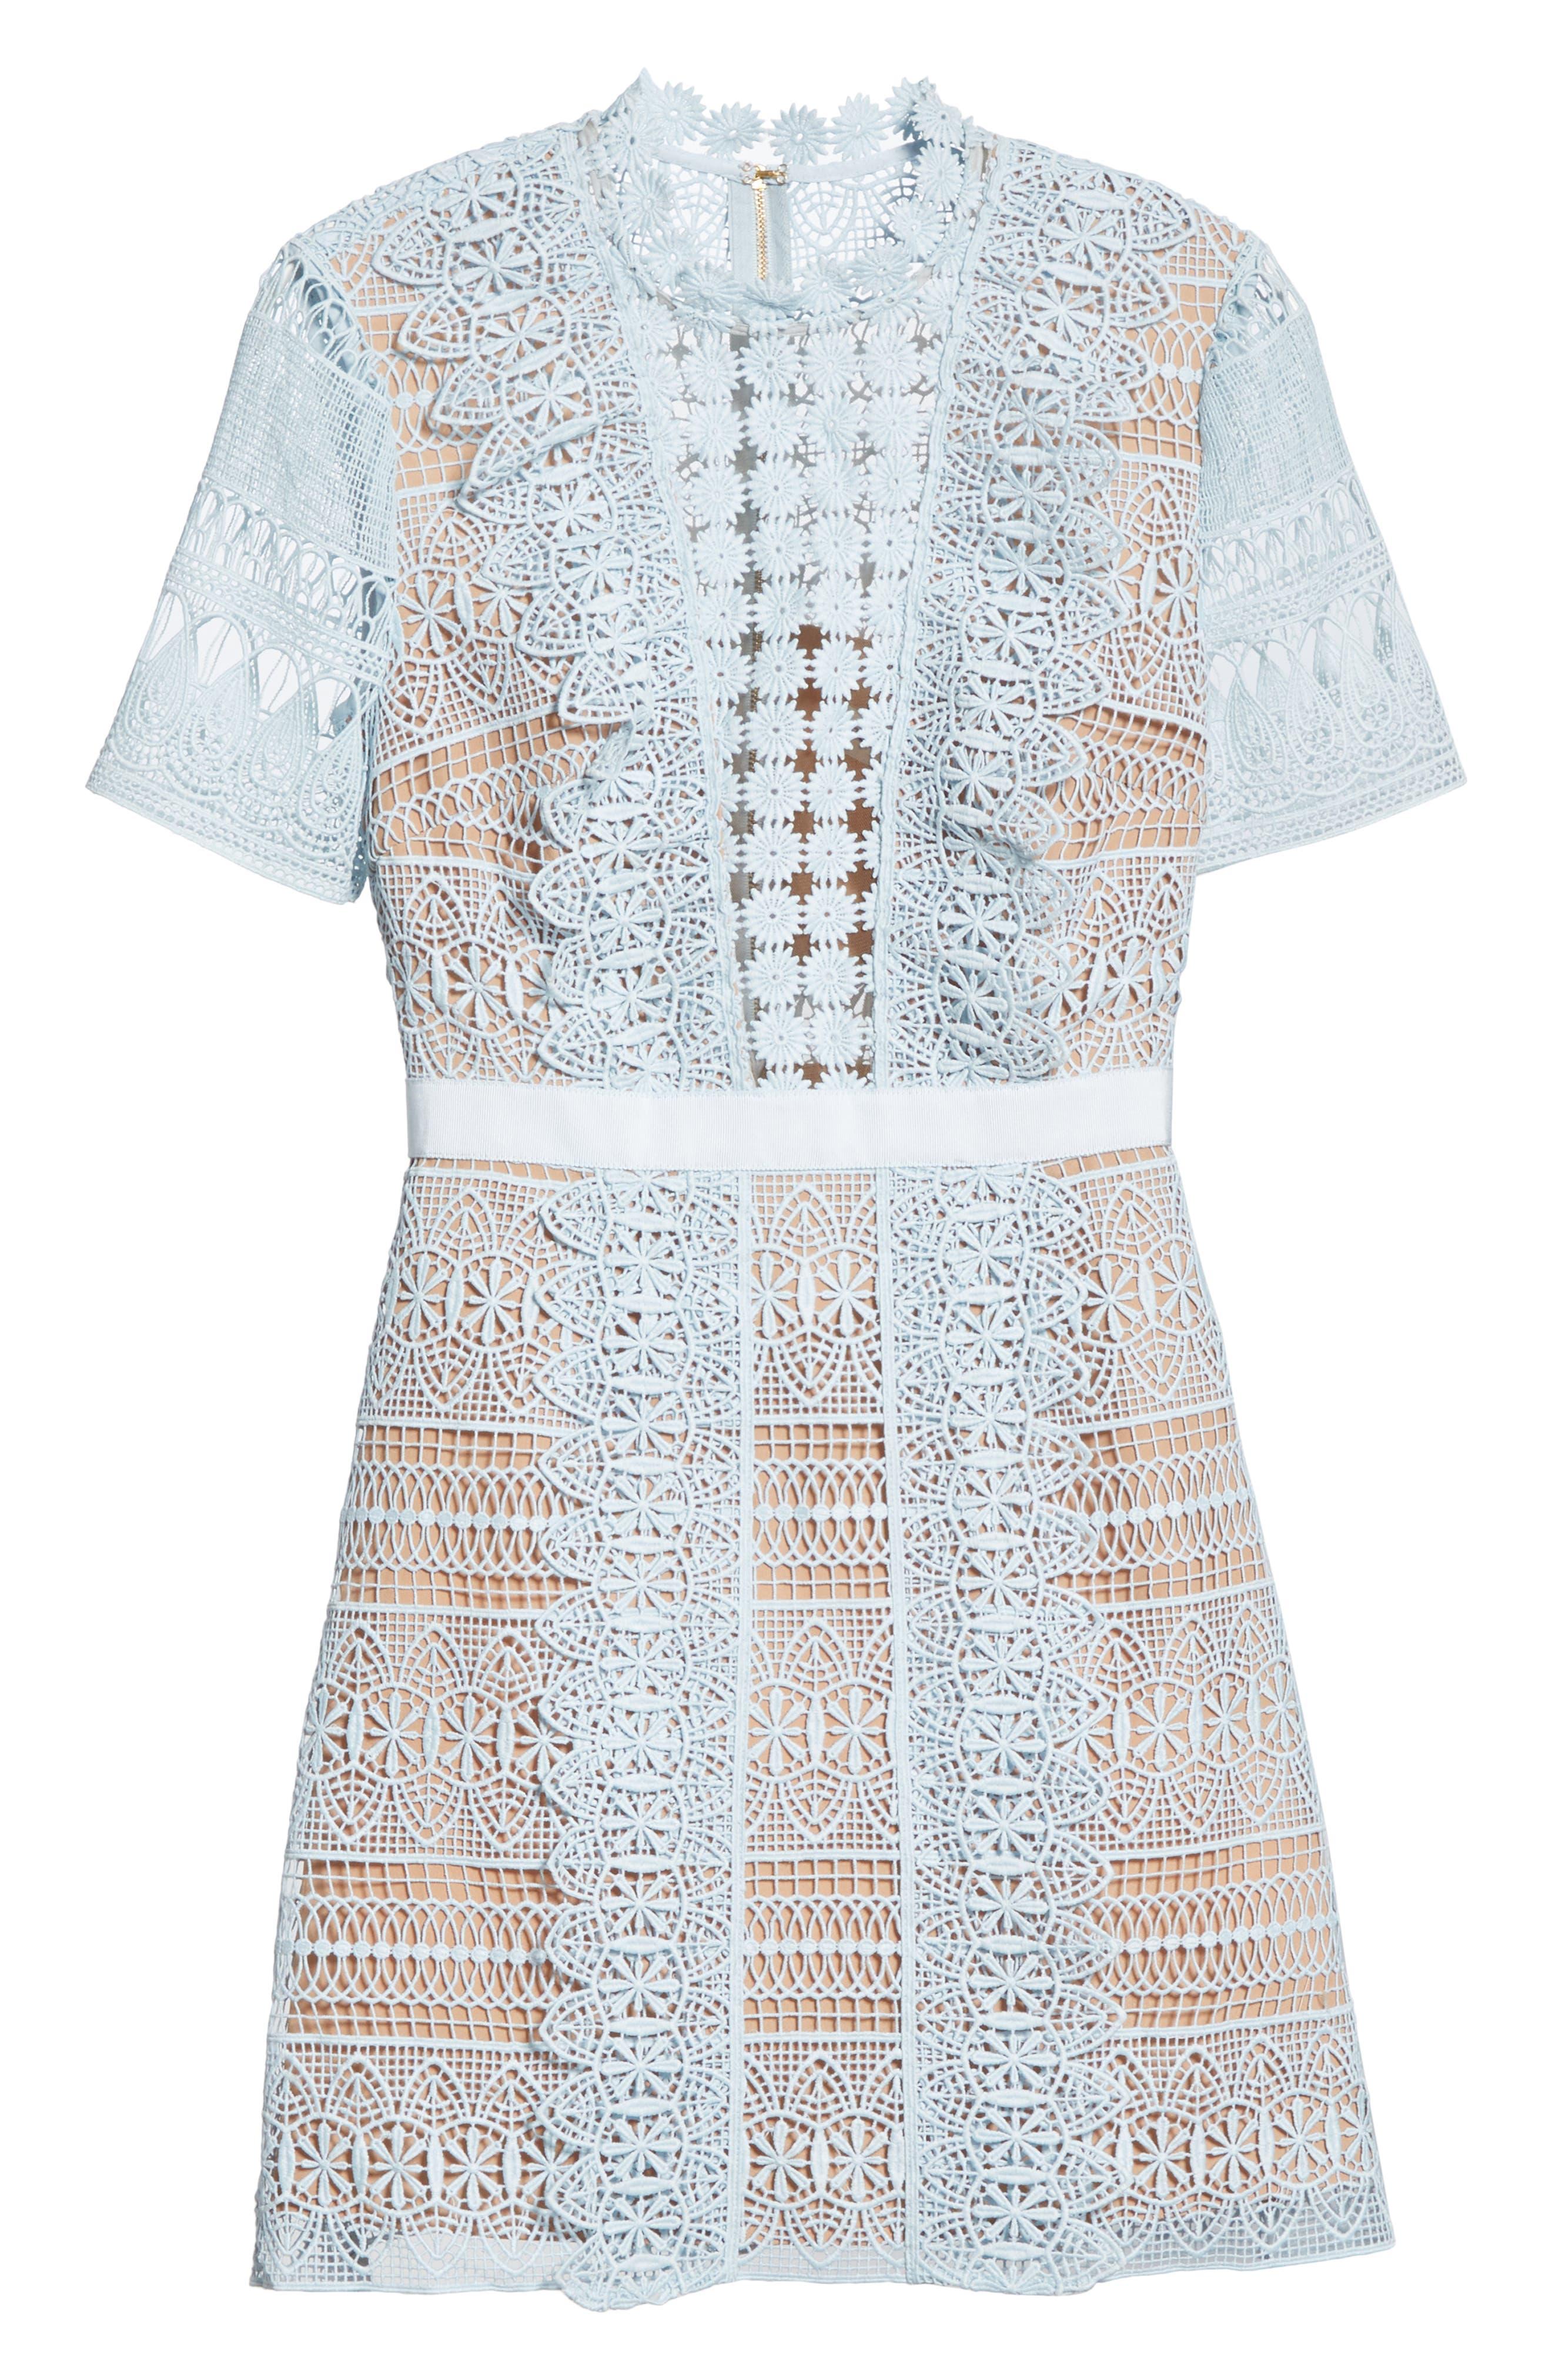 SELF-PORTRAIT,                             Lace A-Line Minidress,                             Alternate thumbnail 6, color,                             BLUE